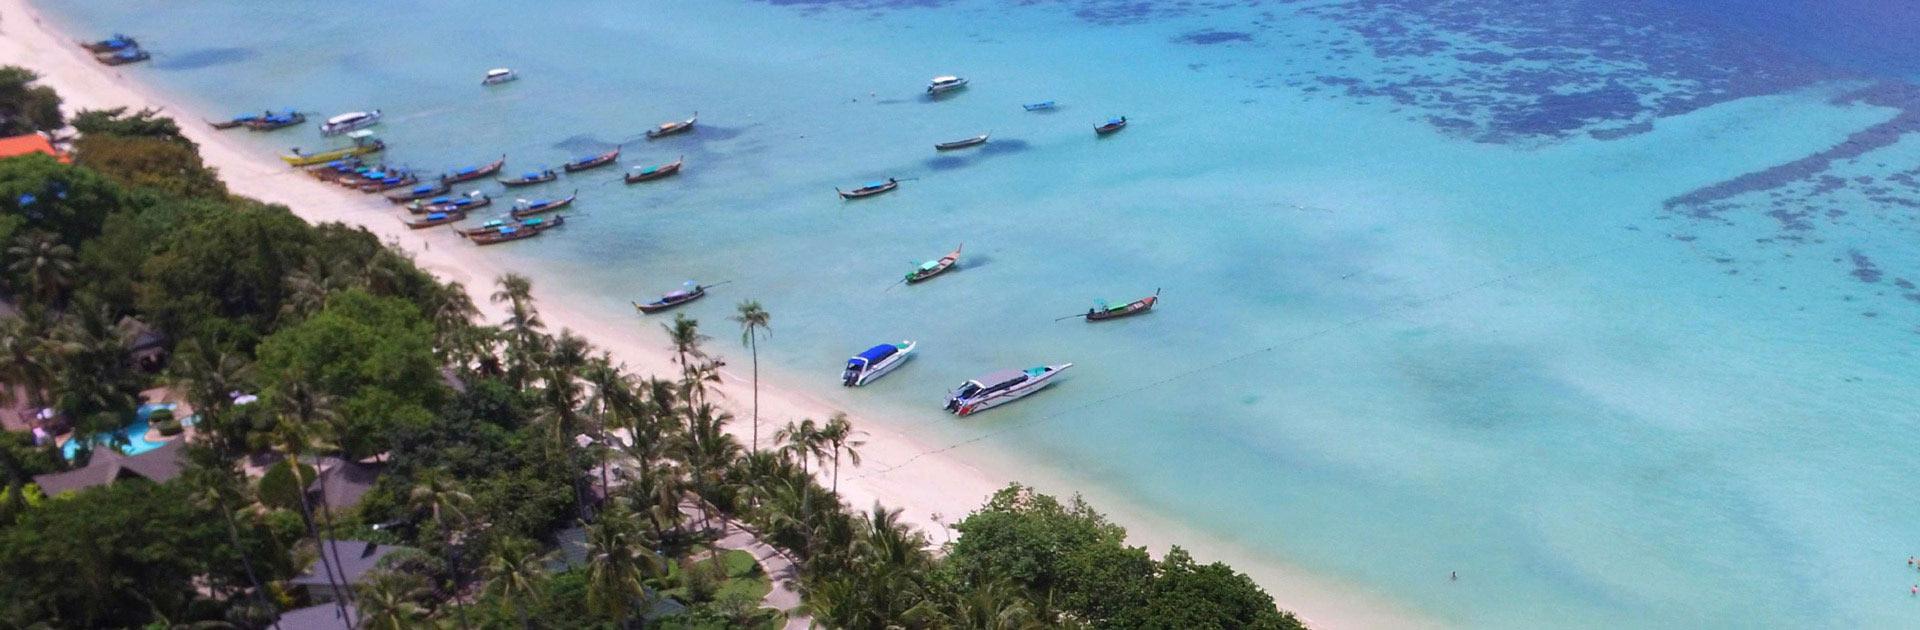 MYSGTH Capitales del Sudeste Asiático y Phuket 15 días 3